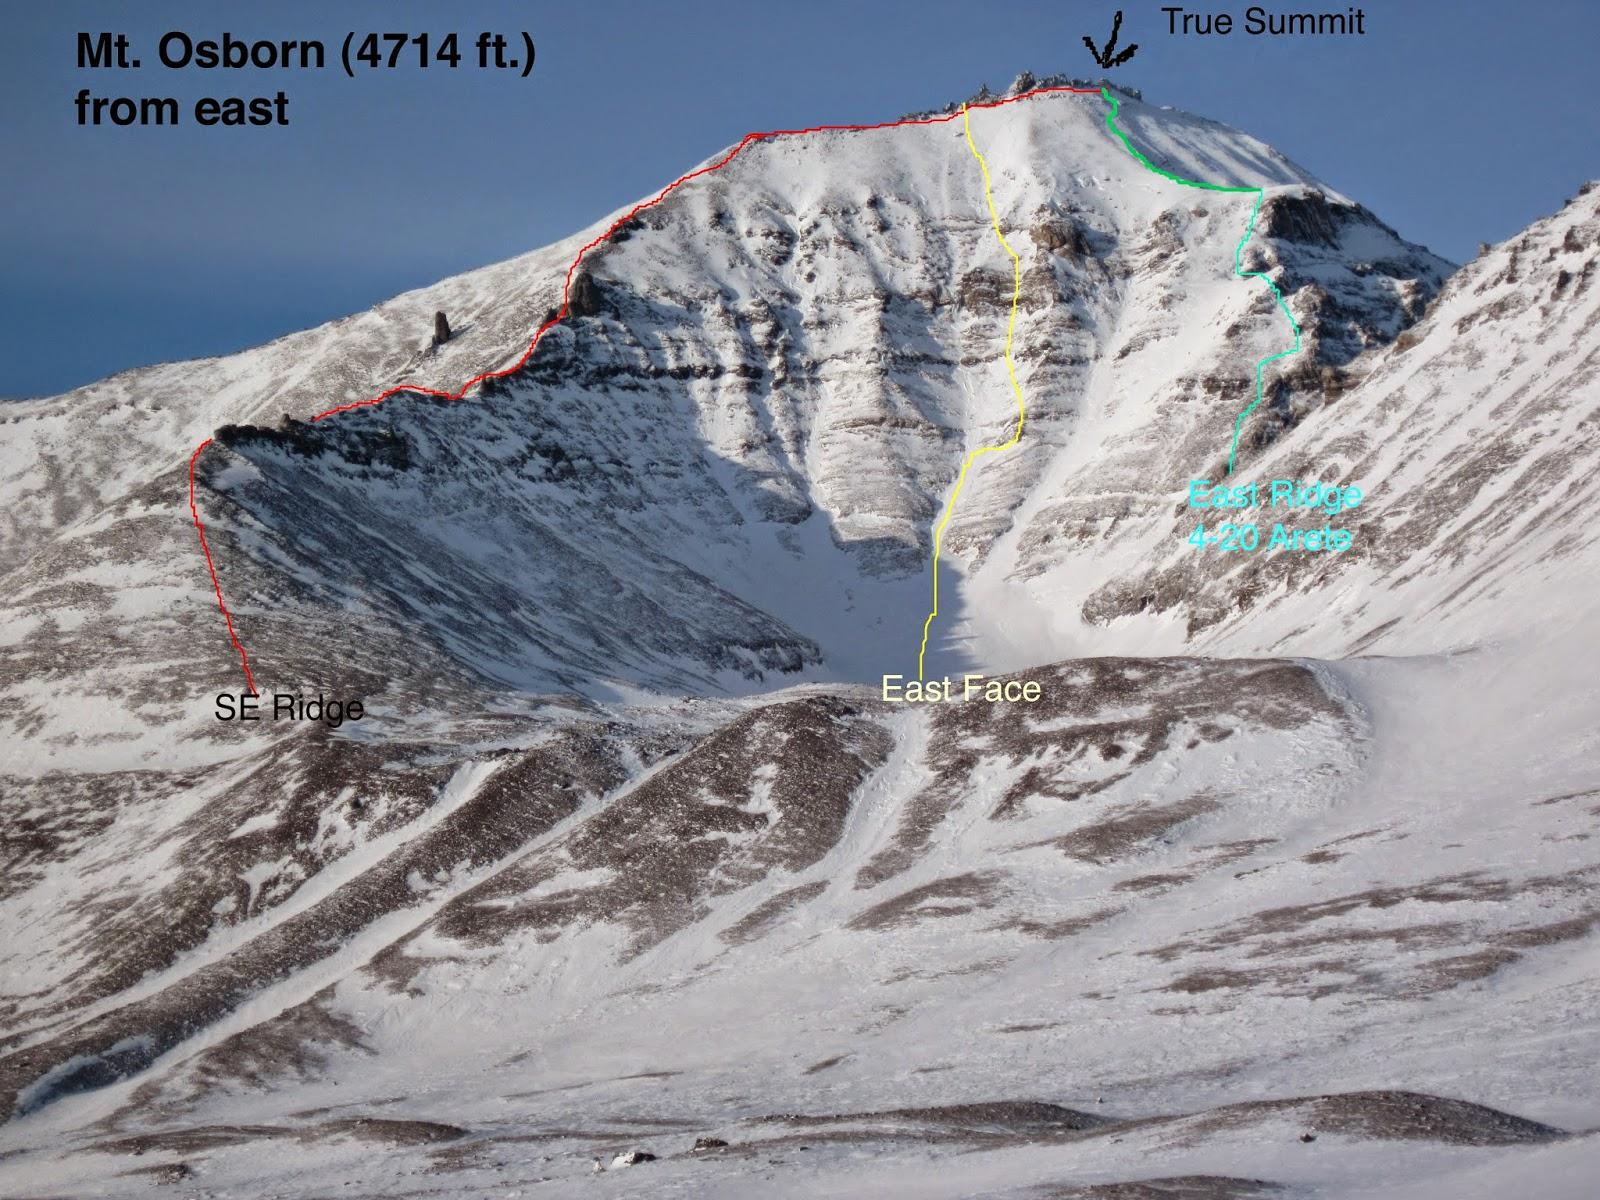 climb Mt. Osborn